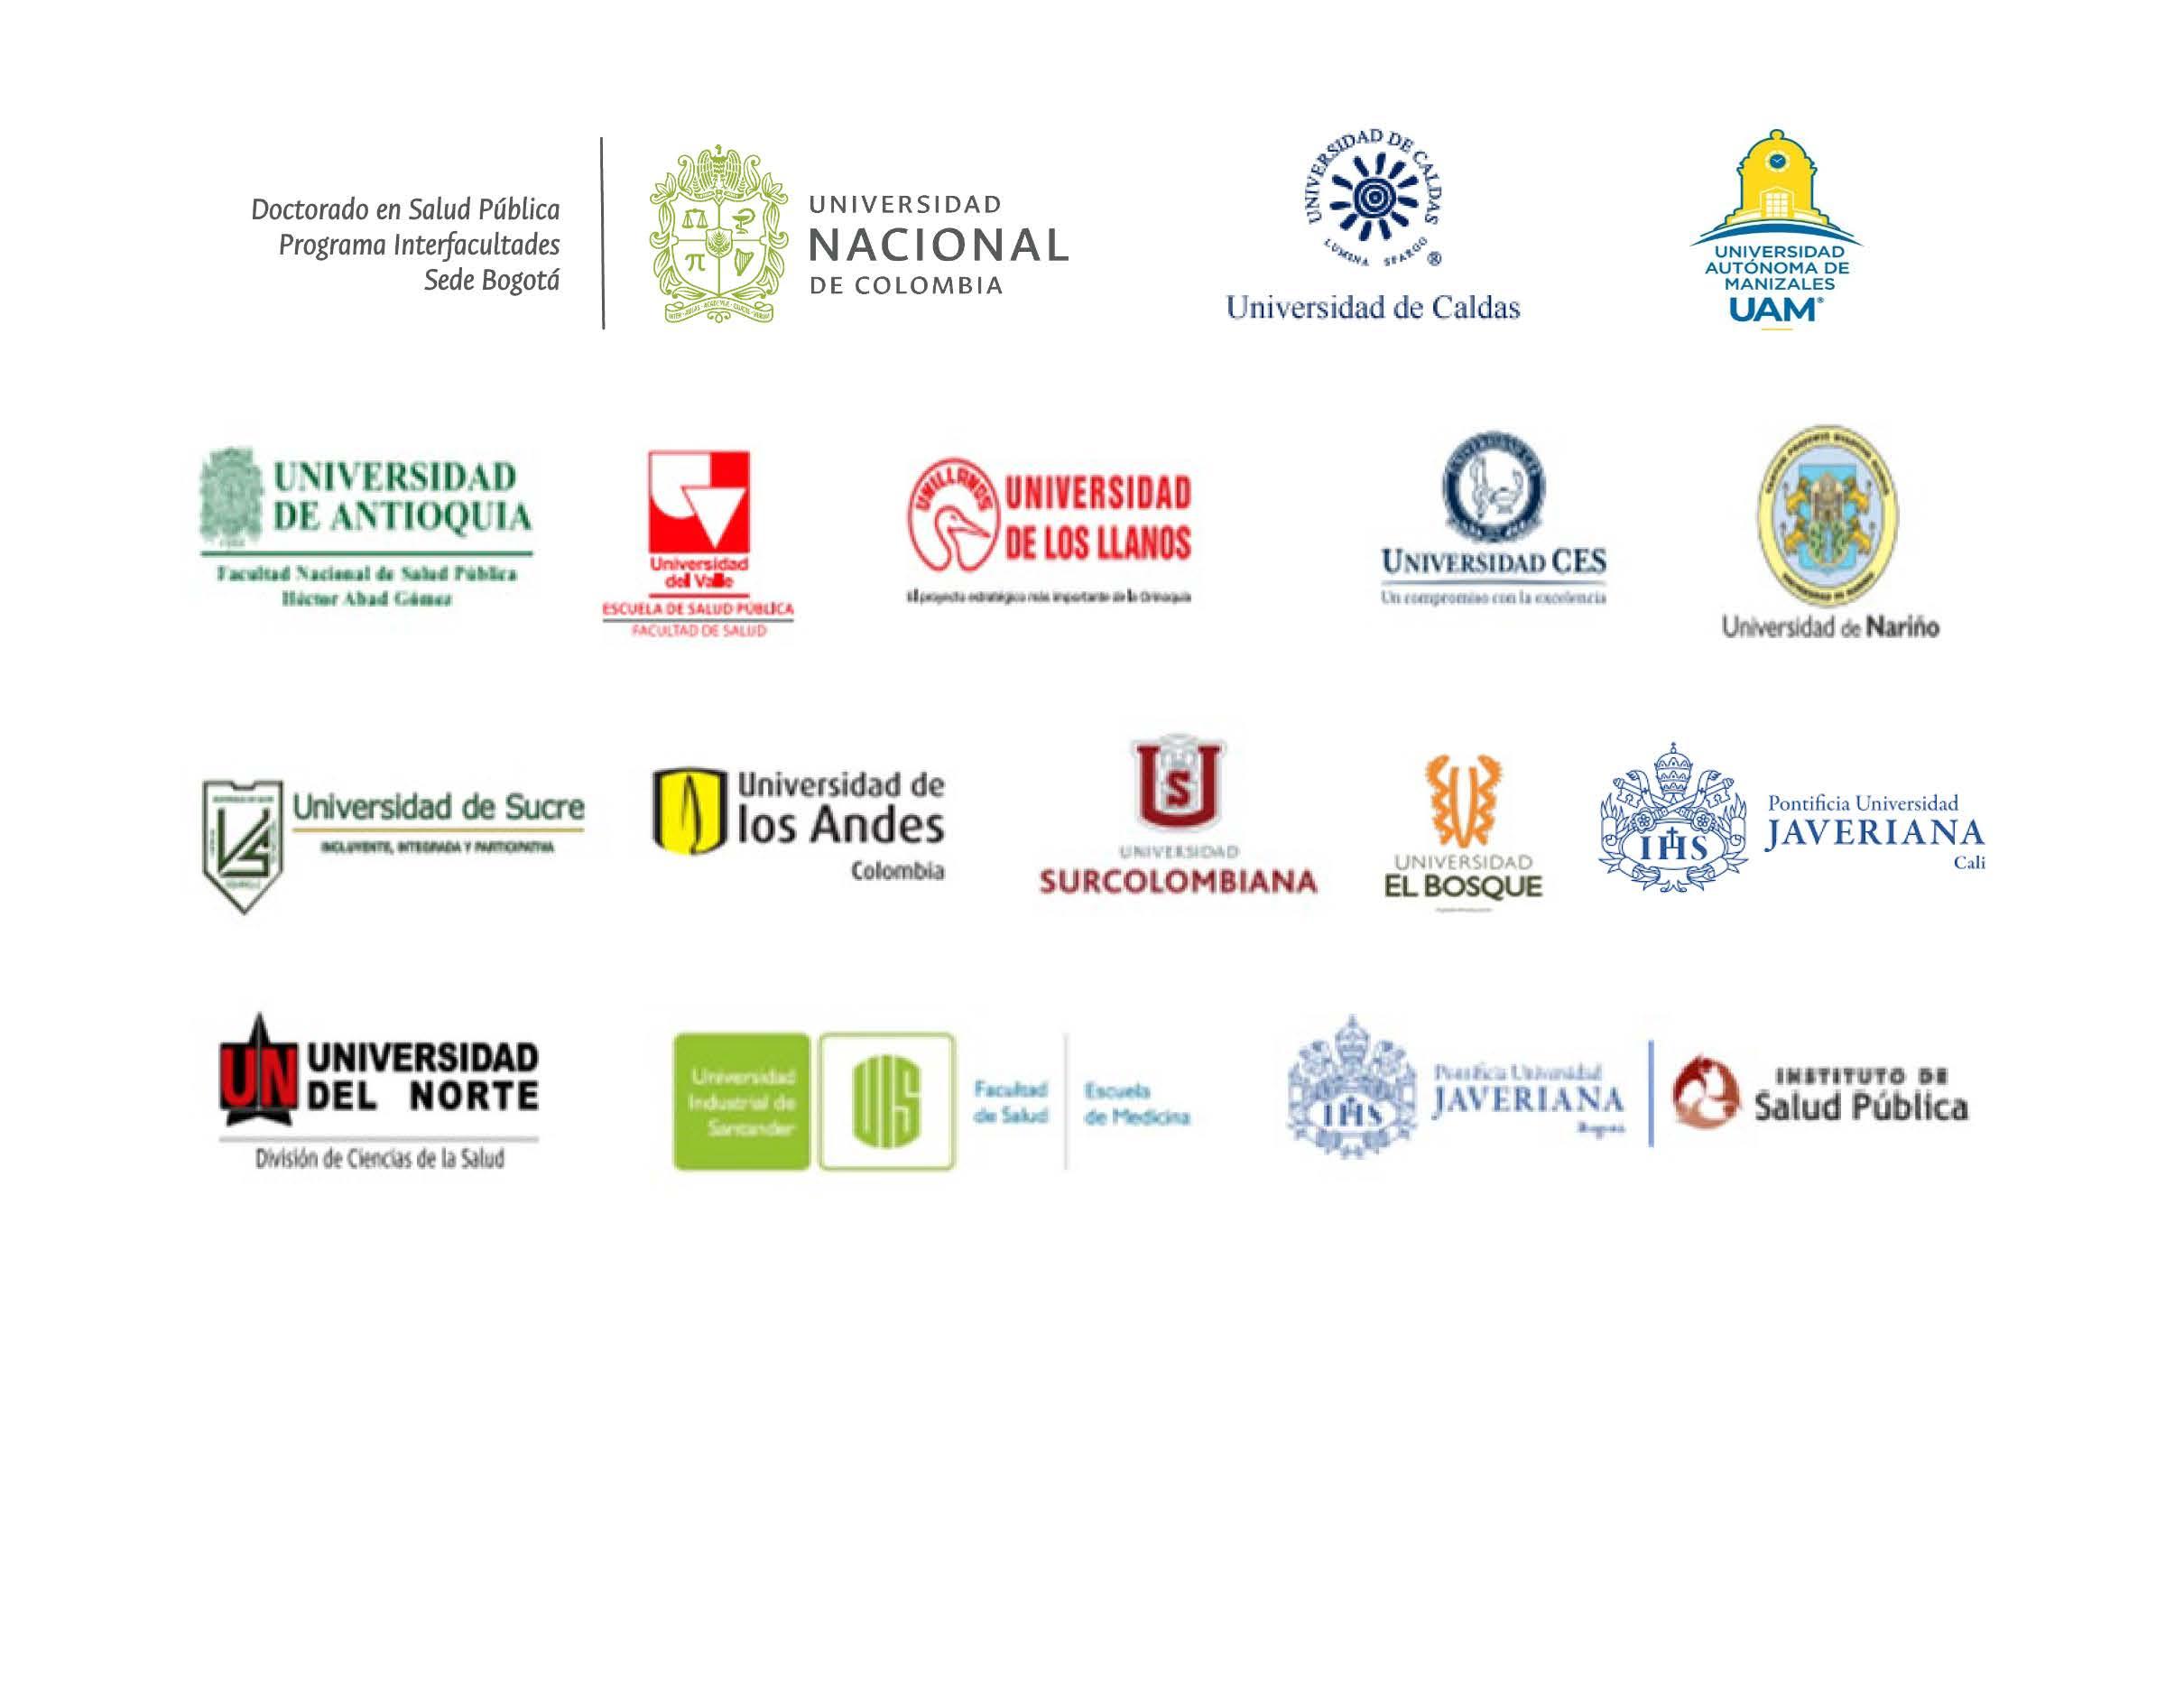 logos universidades organziadoras